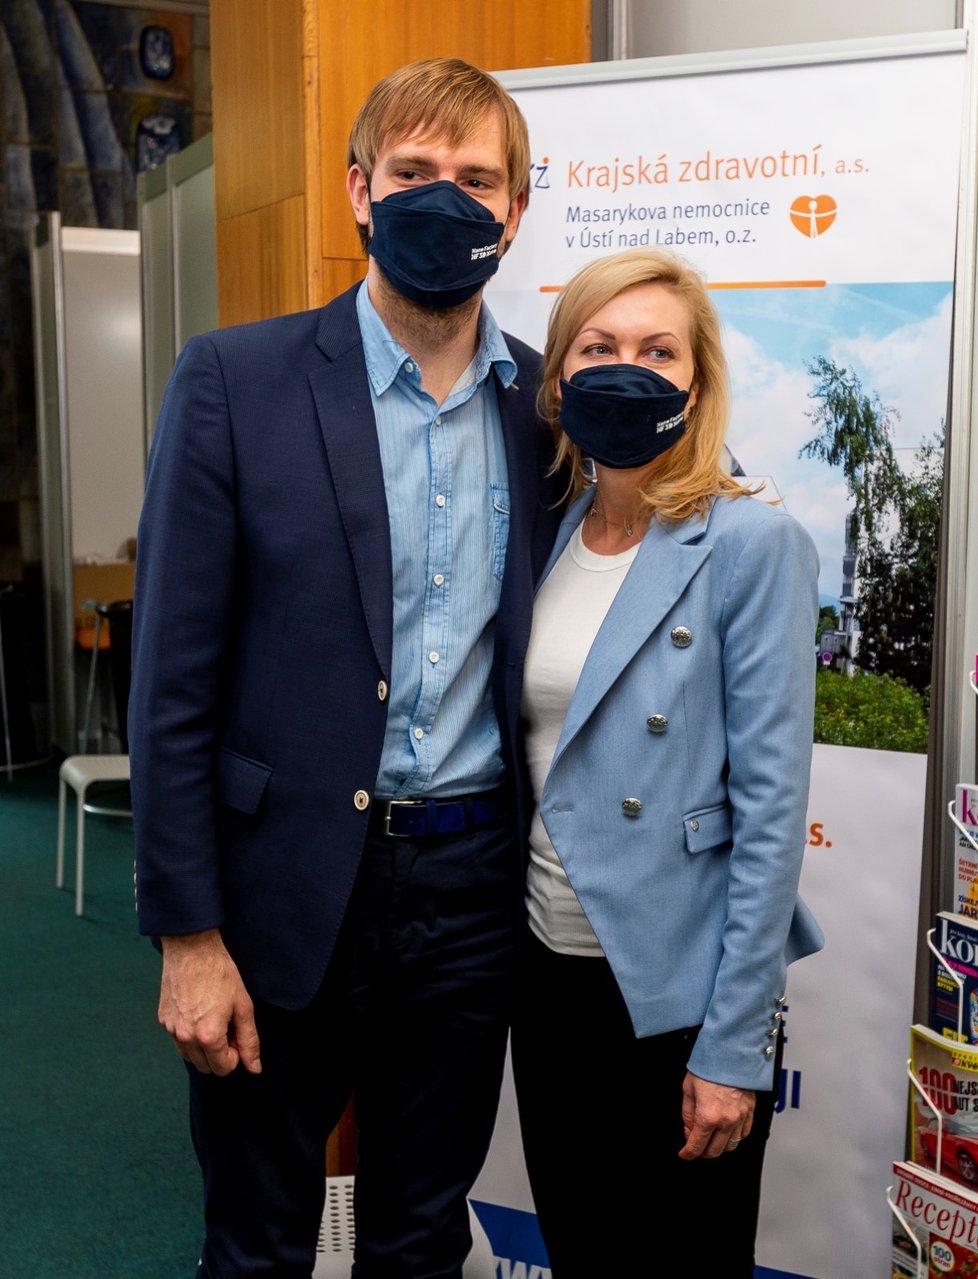 Ministr zdravotnictví Adam Vojtěch (za ANO) se i s manželkou Olgou nechal naočkovat v Ústí nad Labem (13. 6. 2021).